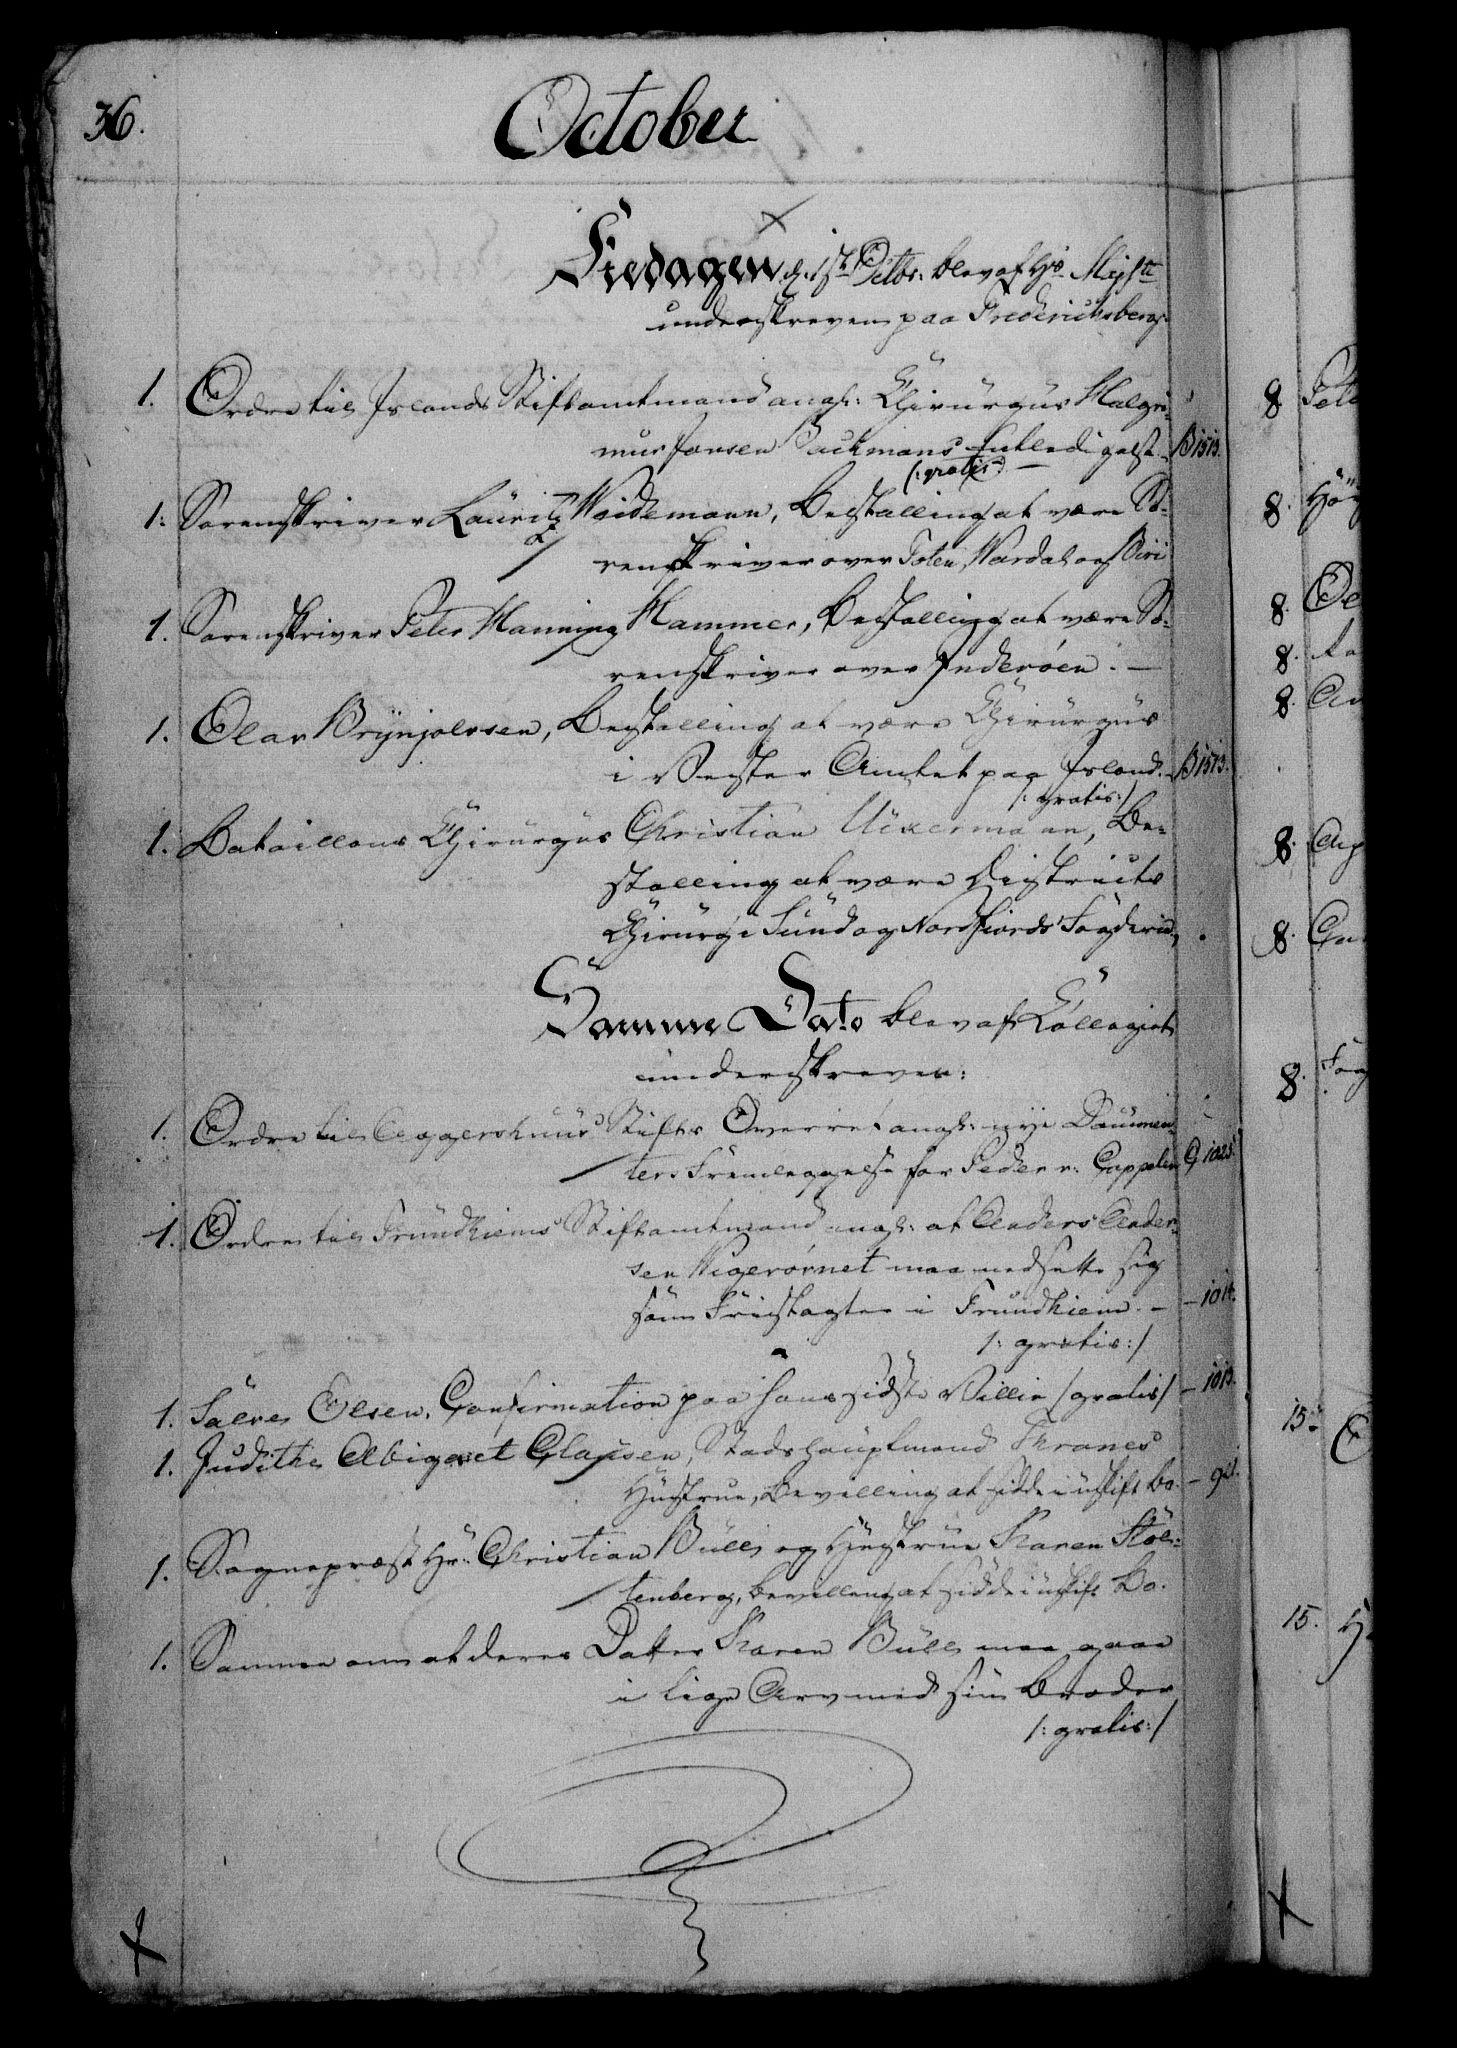 RA, Danske Kanselli 1800-1814, H/Hf/Hfb/Hfbc/L0003: Underskrivelsesbok m. register, 1802, s. 36